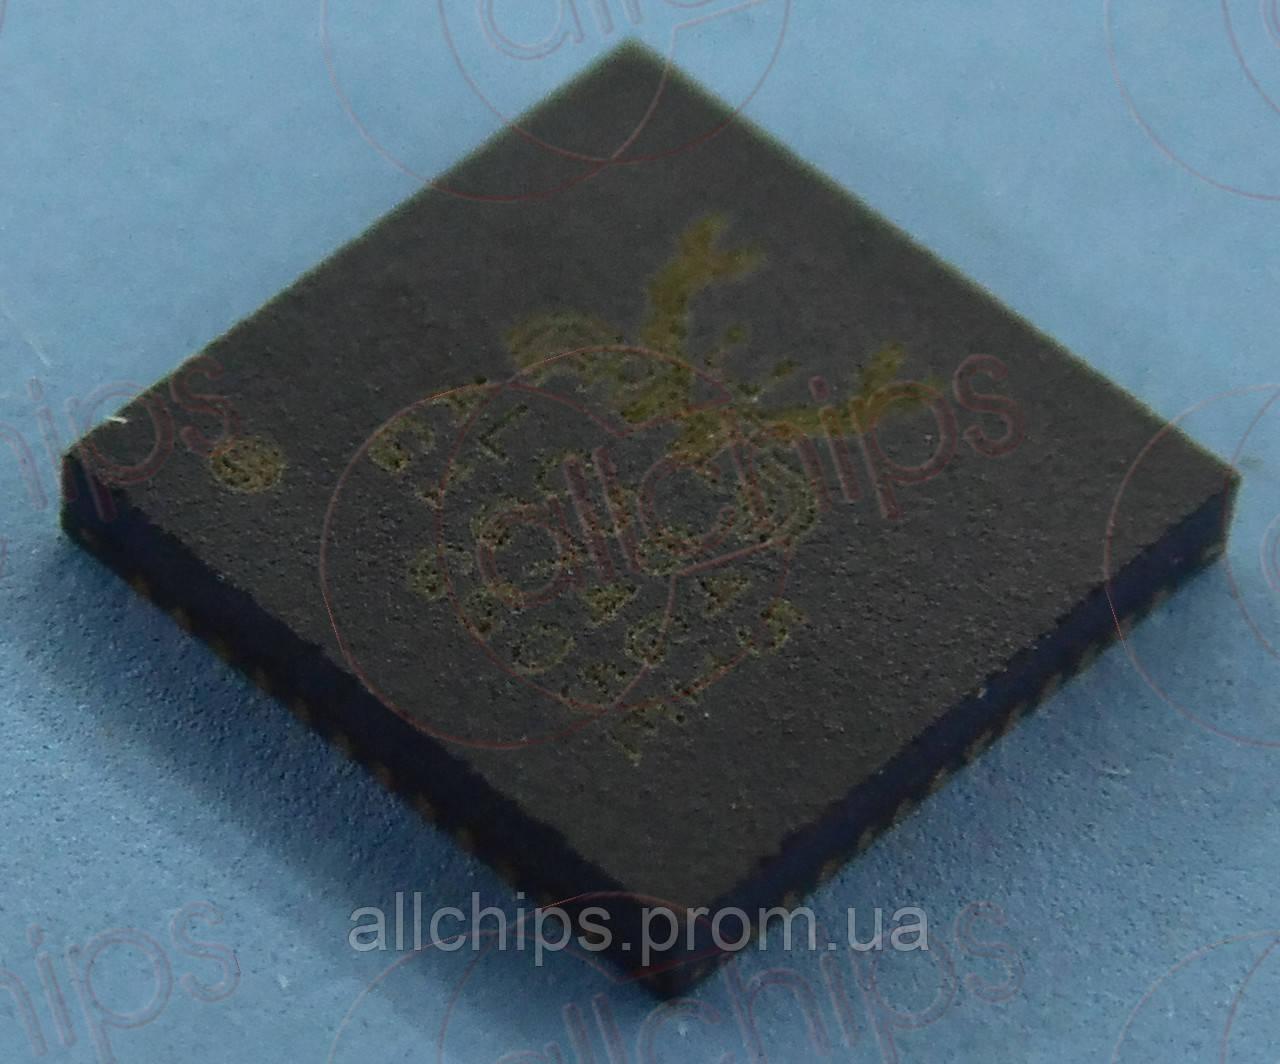 Realtek ALC5645-CGT QFN48